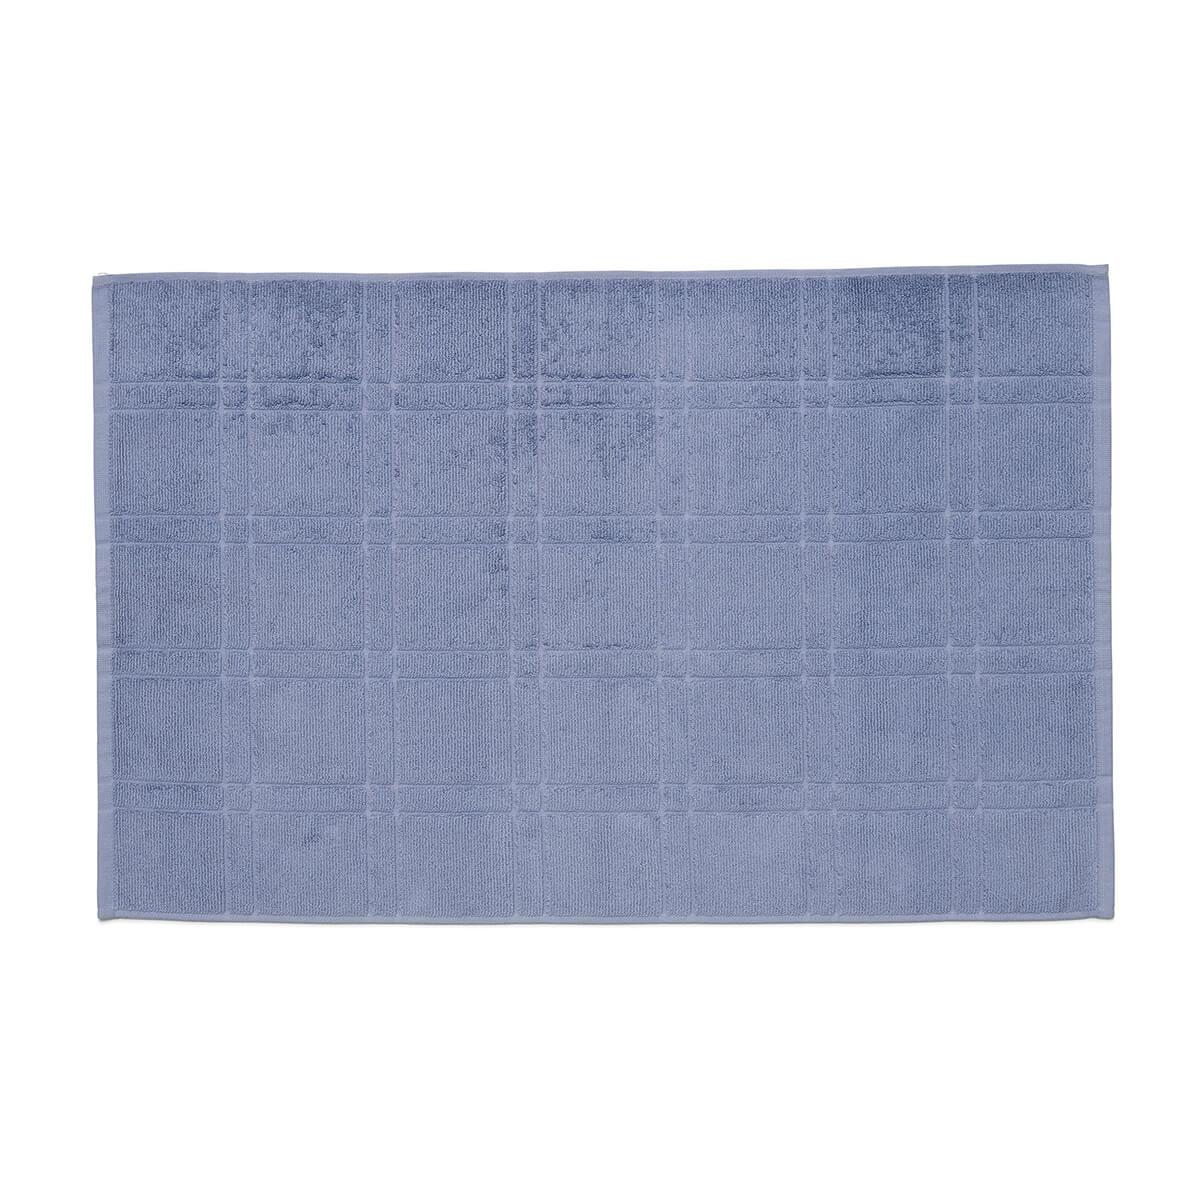 Toalha de Piso Felpuda Antiderrapante Square Azul